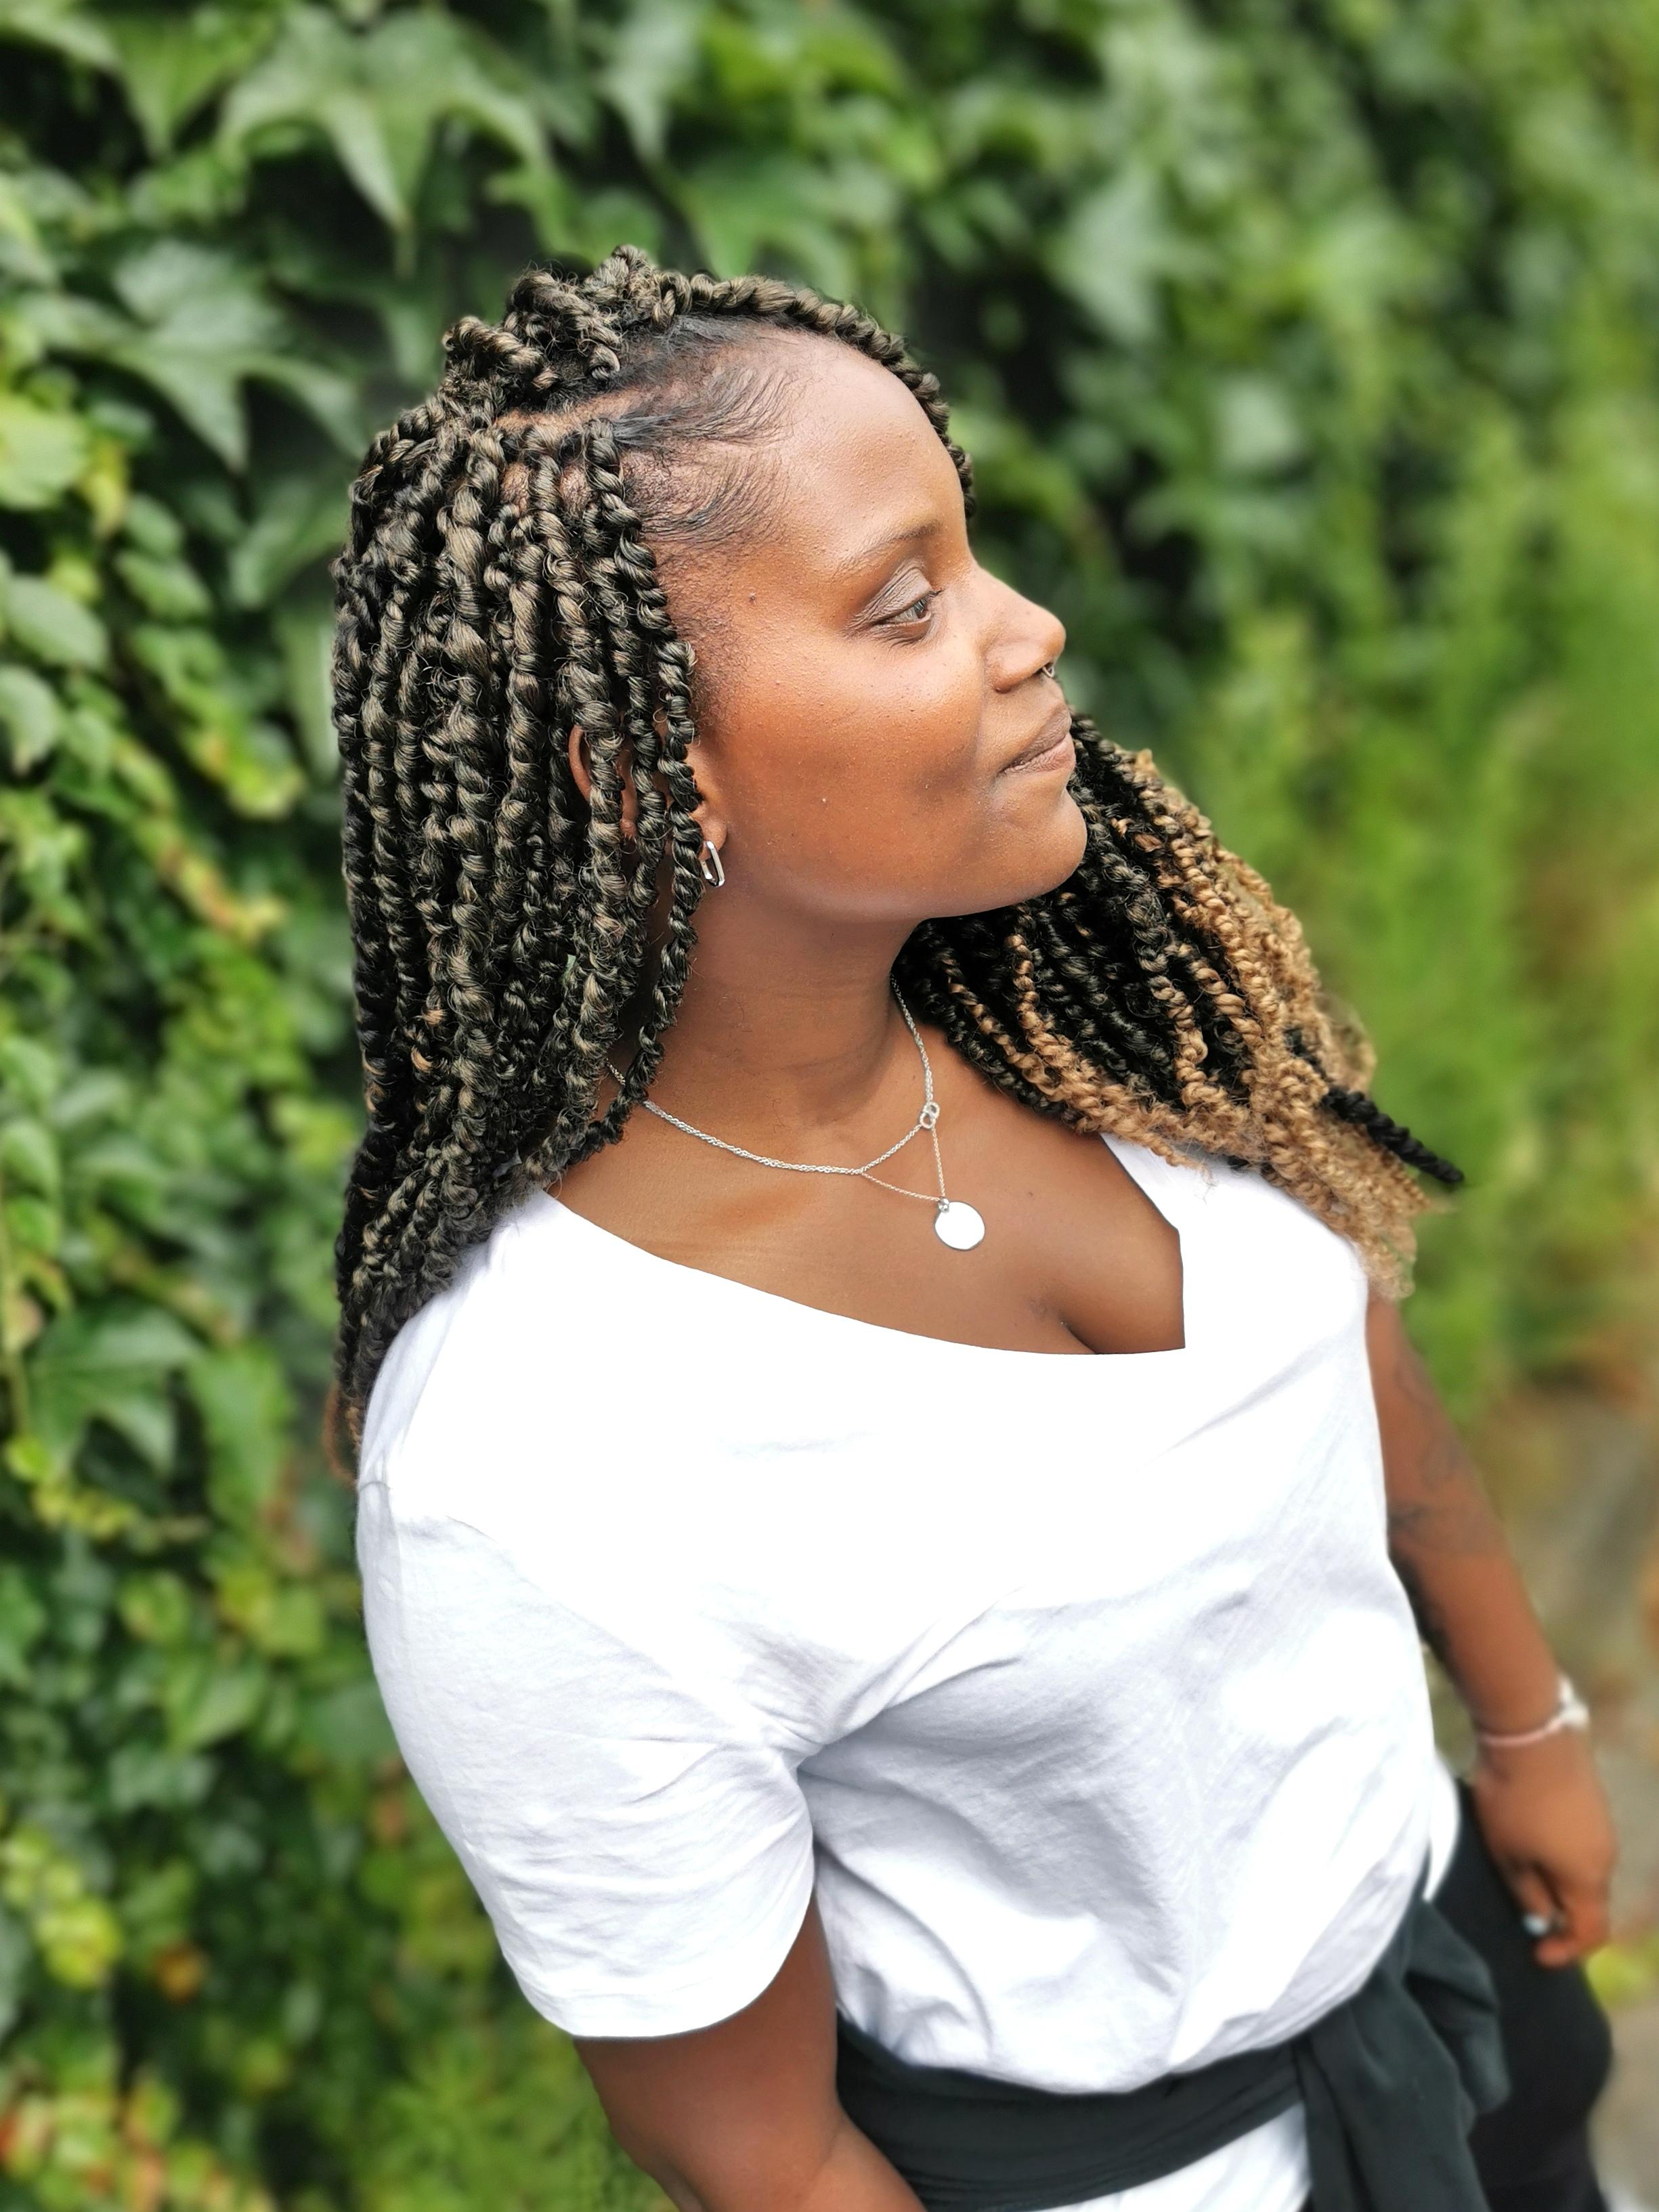 salon de coiffure afro tresse tresses box braids crochet braids vanilles tissages paris 75 77 78 91 92 93 94 95 LLFUKGRG